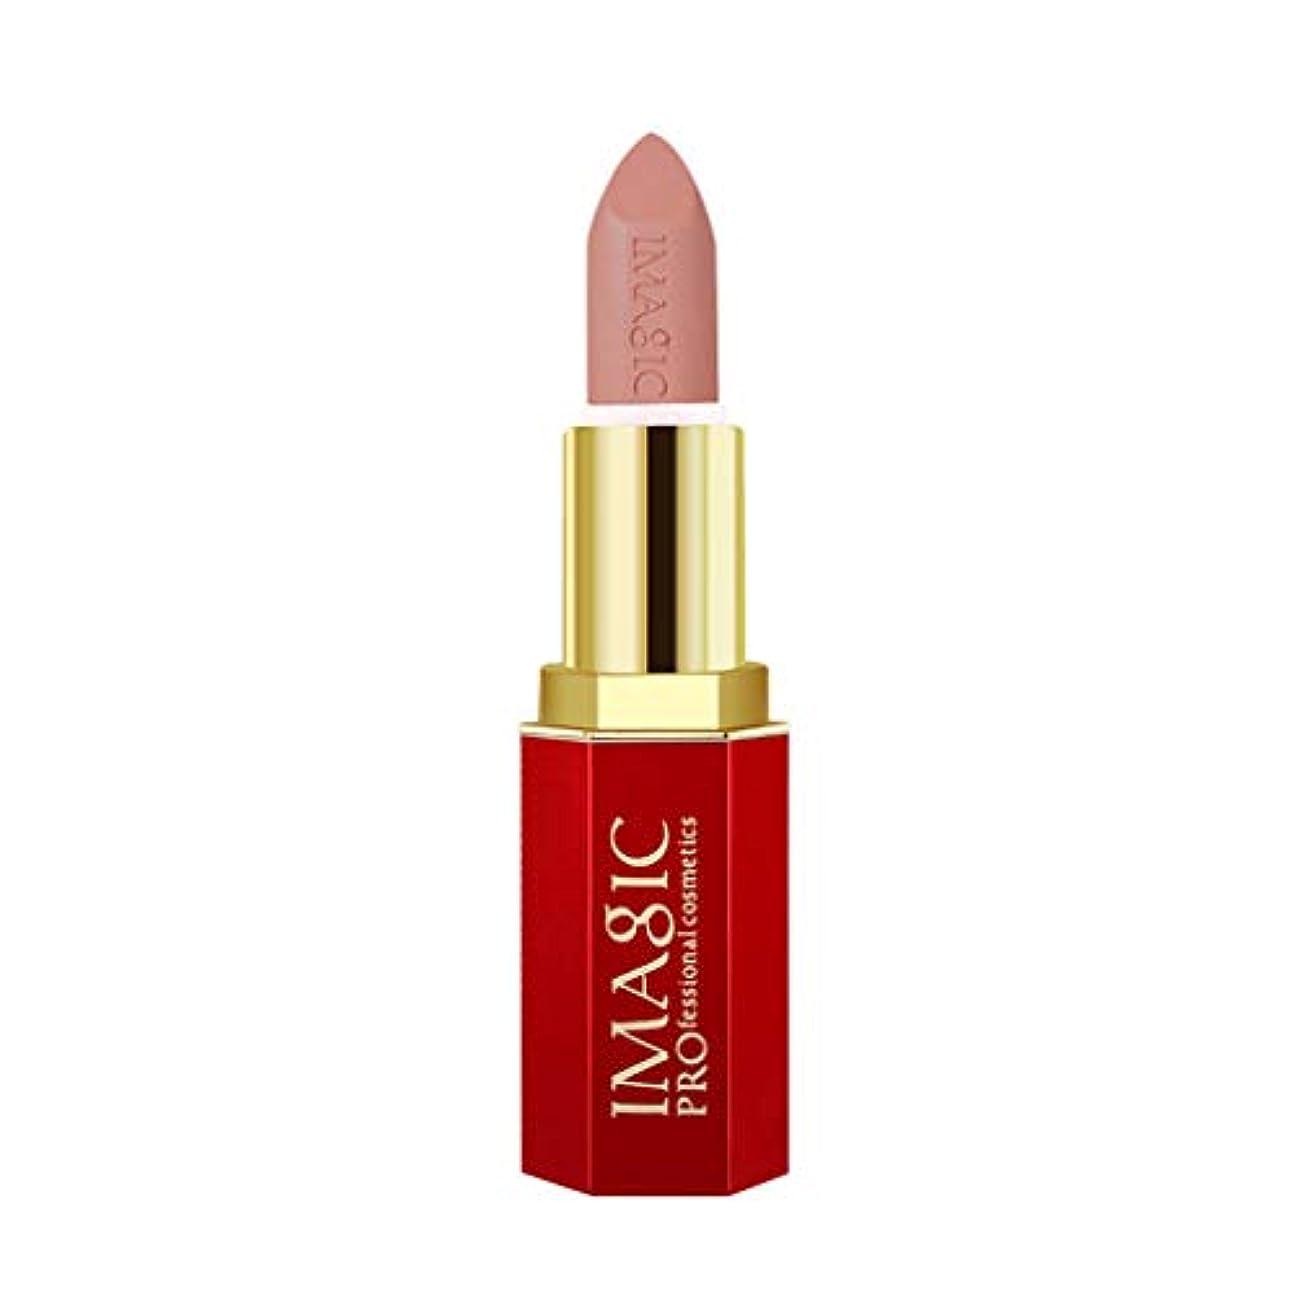 アリーナまたはどちらかスタウト黒い液体の口紅の保湿剤のビロードの金属の口紅の化粧品の美の構造